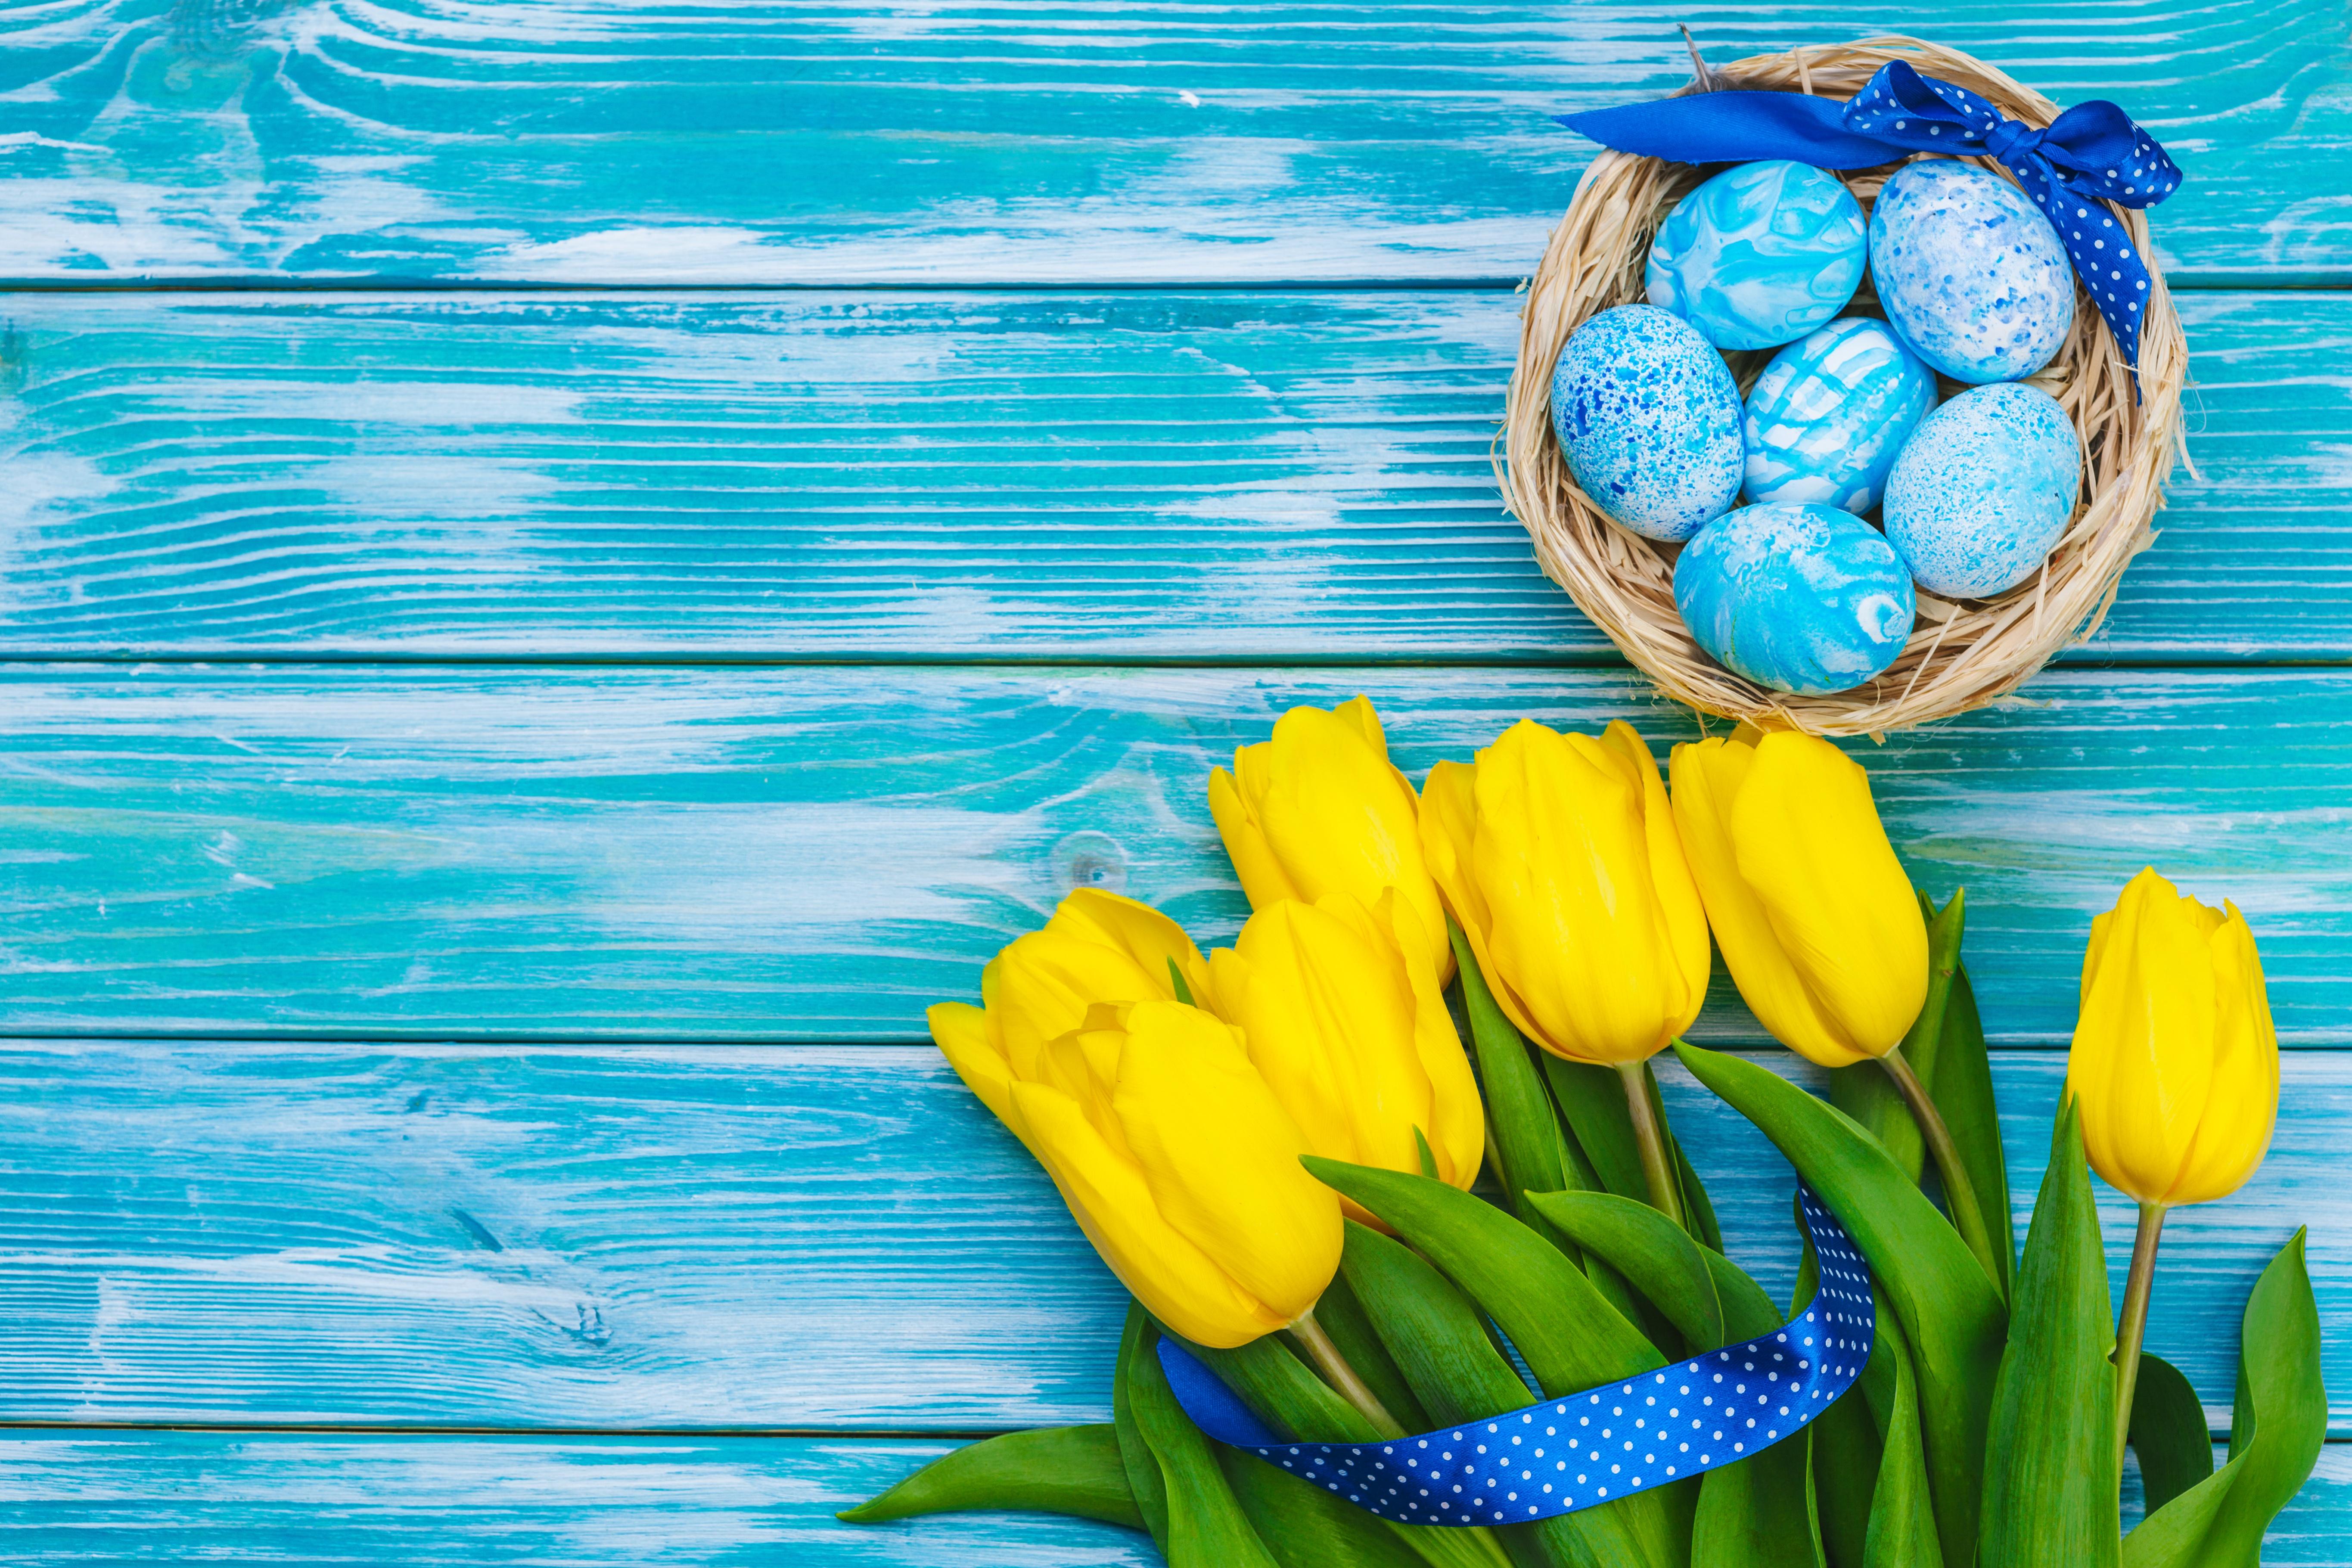 Обои для рабочего стола Пасха Яйца тюльпан Цветы Шаблон поздравительной открытки Доски 5461x3641 яиц яйцо яйцами Тюльпаны цветок